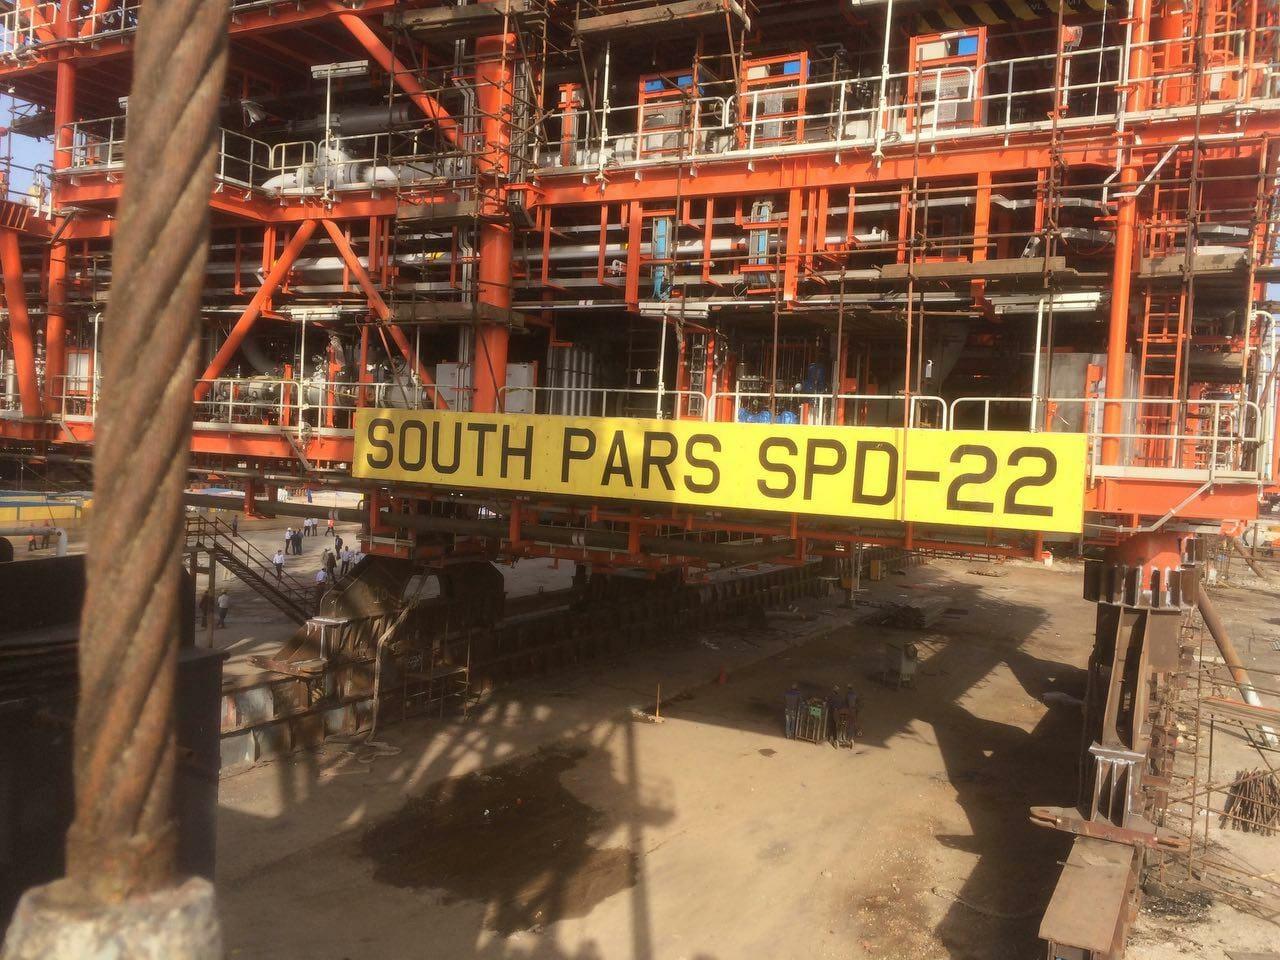 تولید گاز از سکوی فاز ۲۲ پارس جنوبی ۲۰۰ میلیون فوت مکعب افزایش یافت